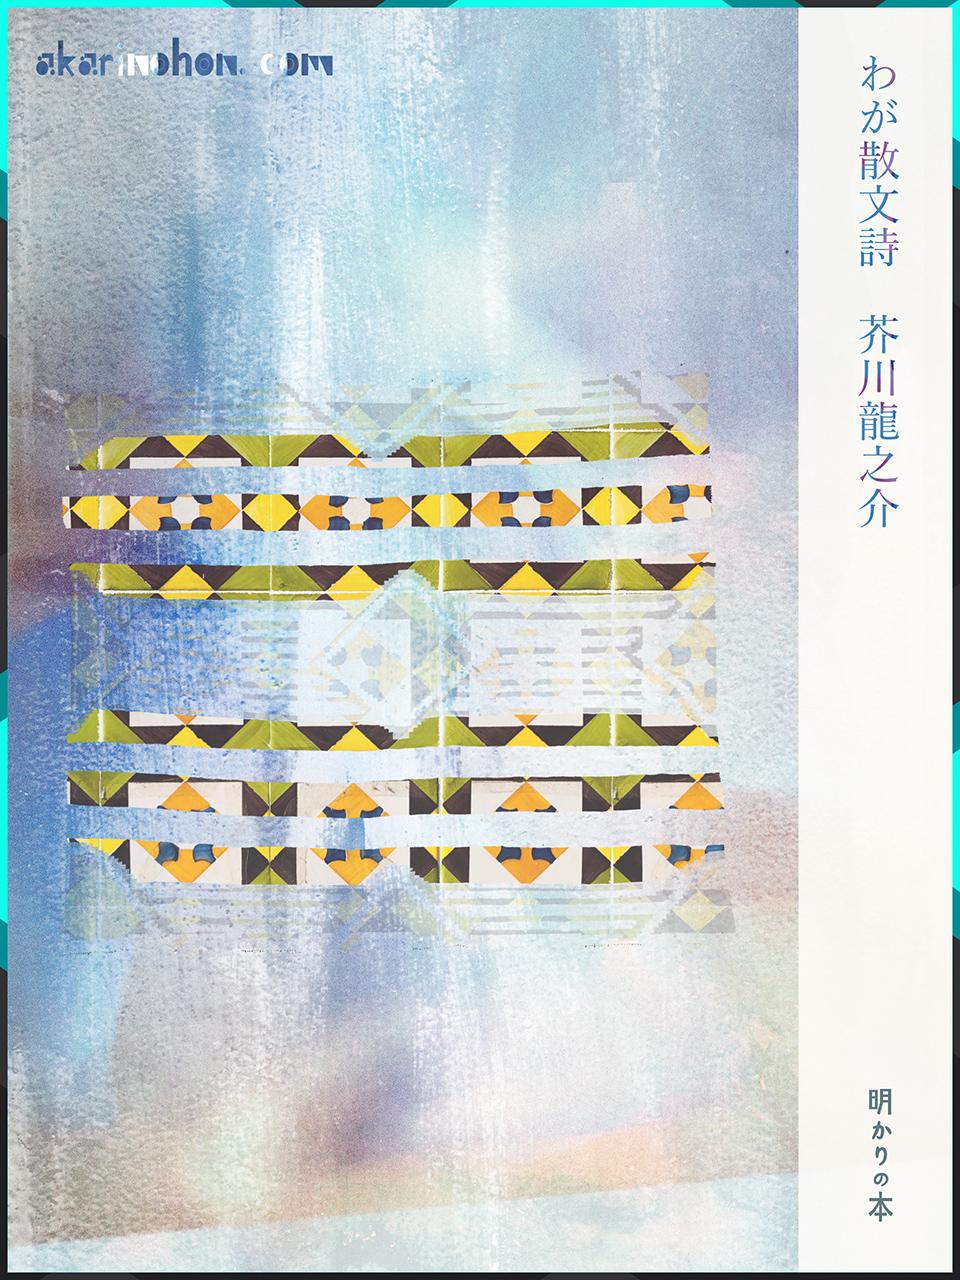 0000 - わが散文詩 芥川龍之介